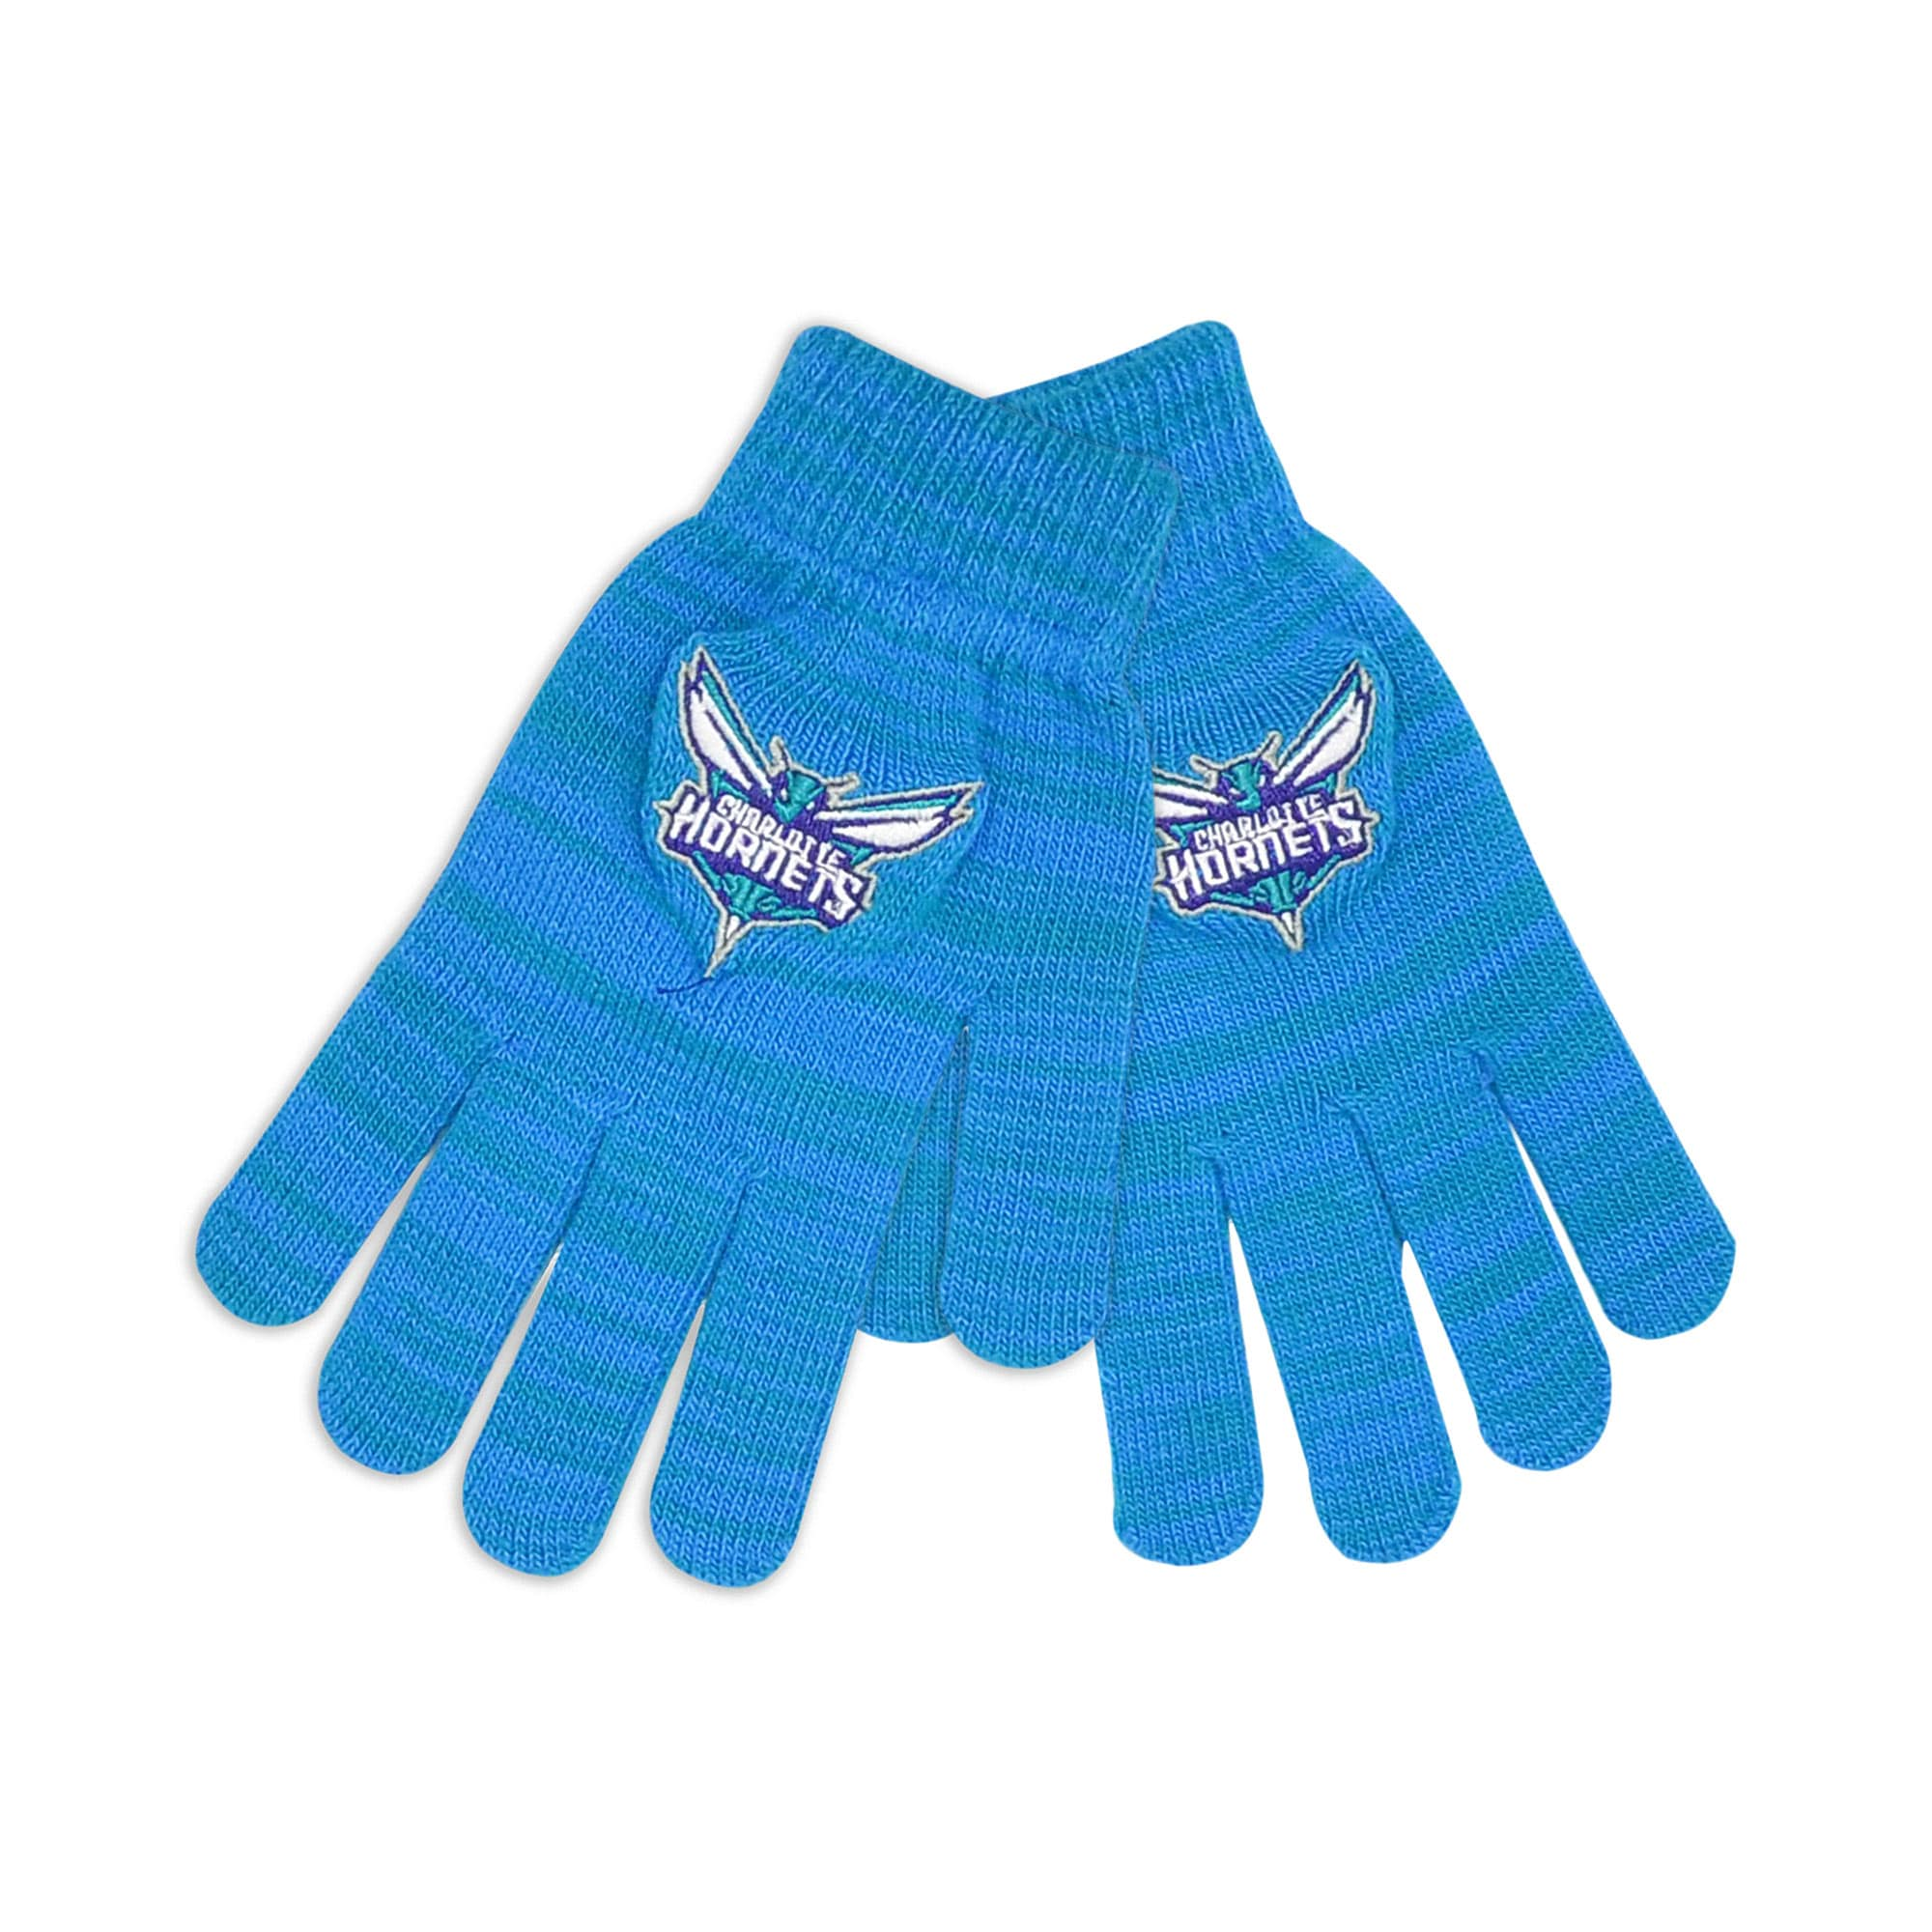 Charlotte Hornets Colorblend Gloves